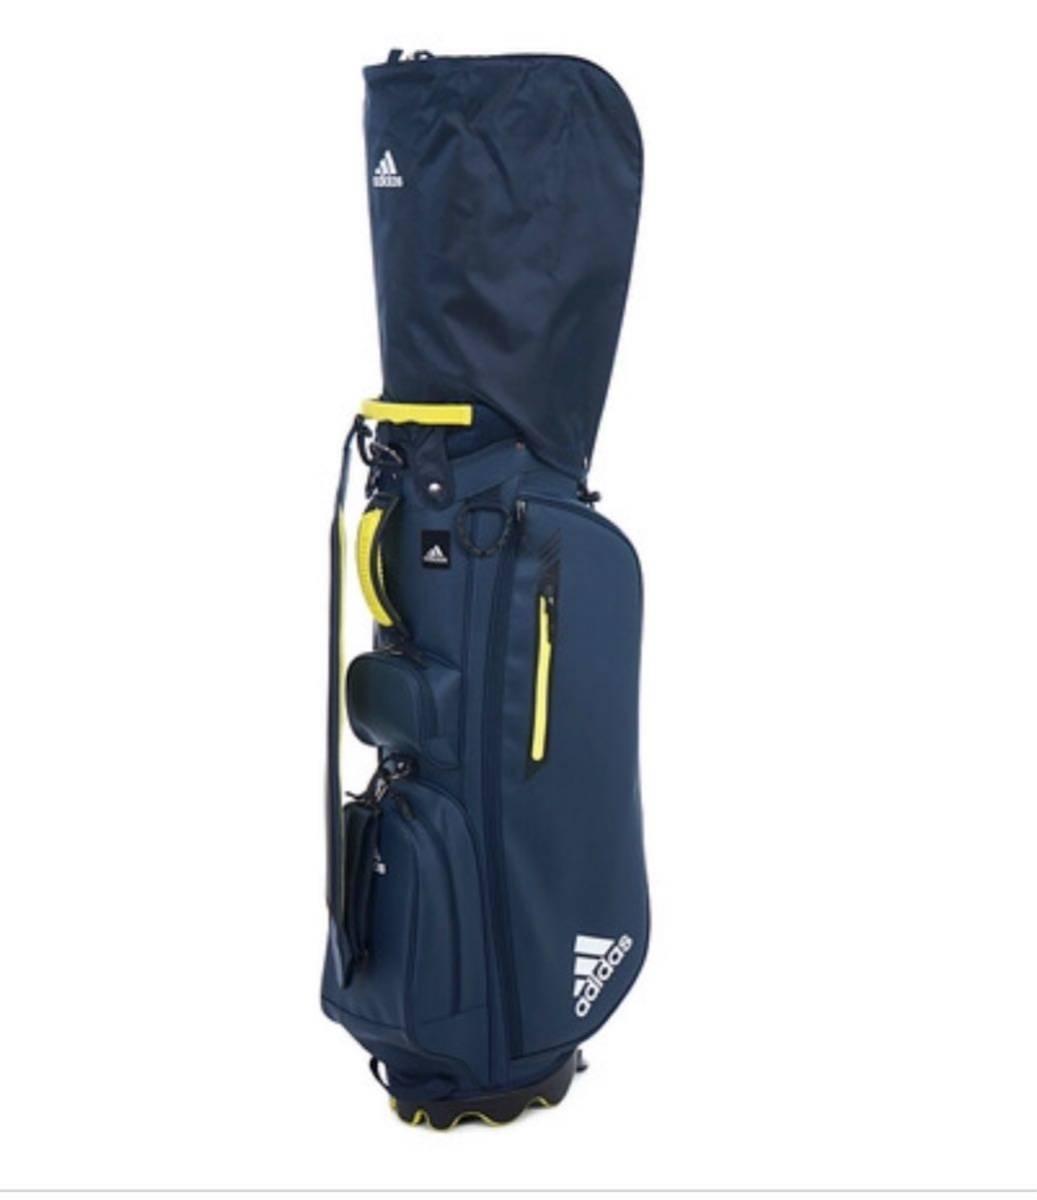 未使用品 アディダス adidas ゴルフ スタンド付き キャディバッグ ネイビー_画像6